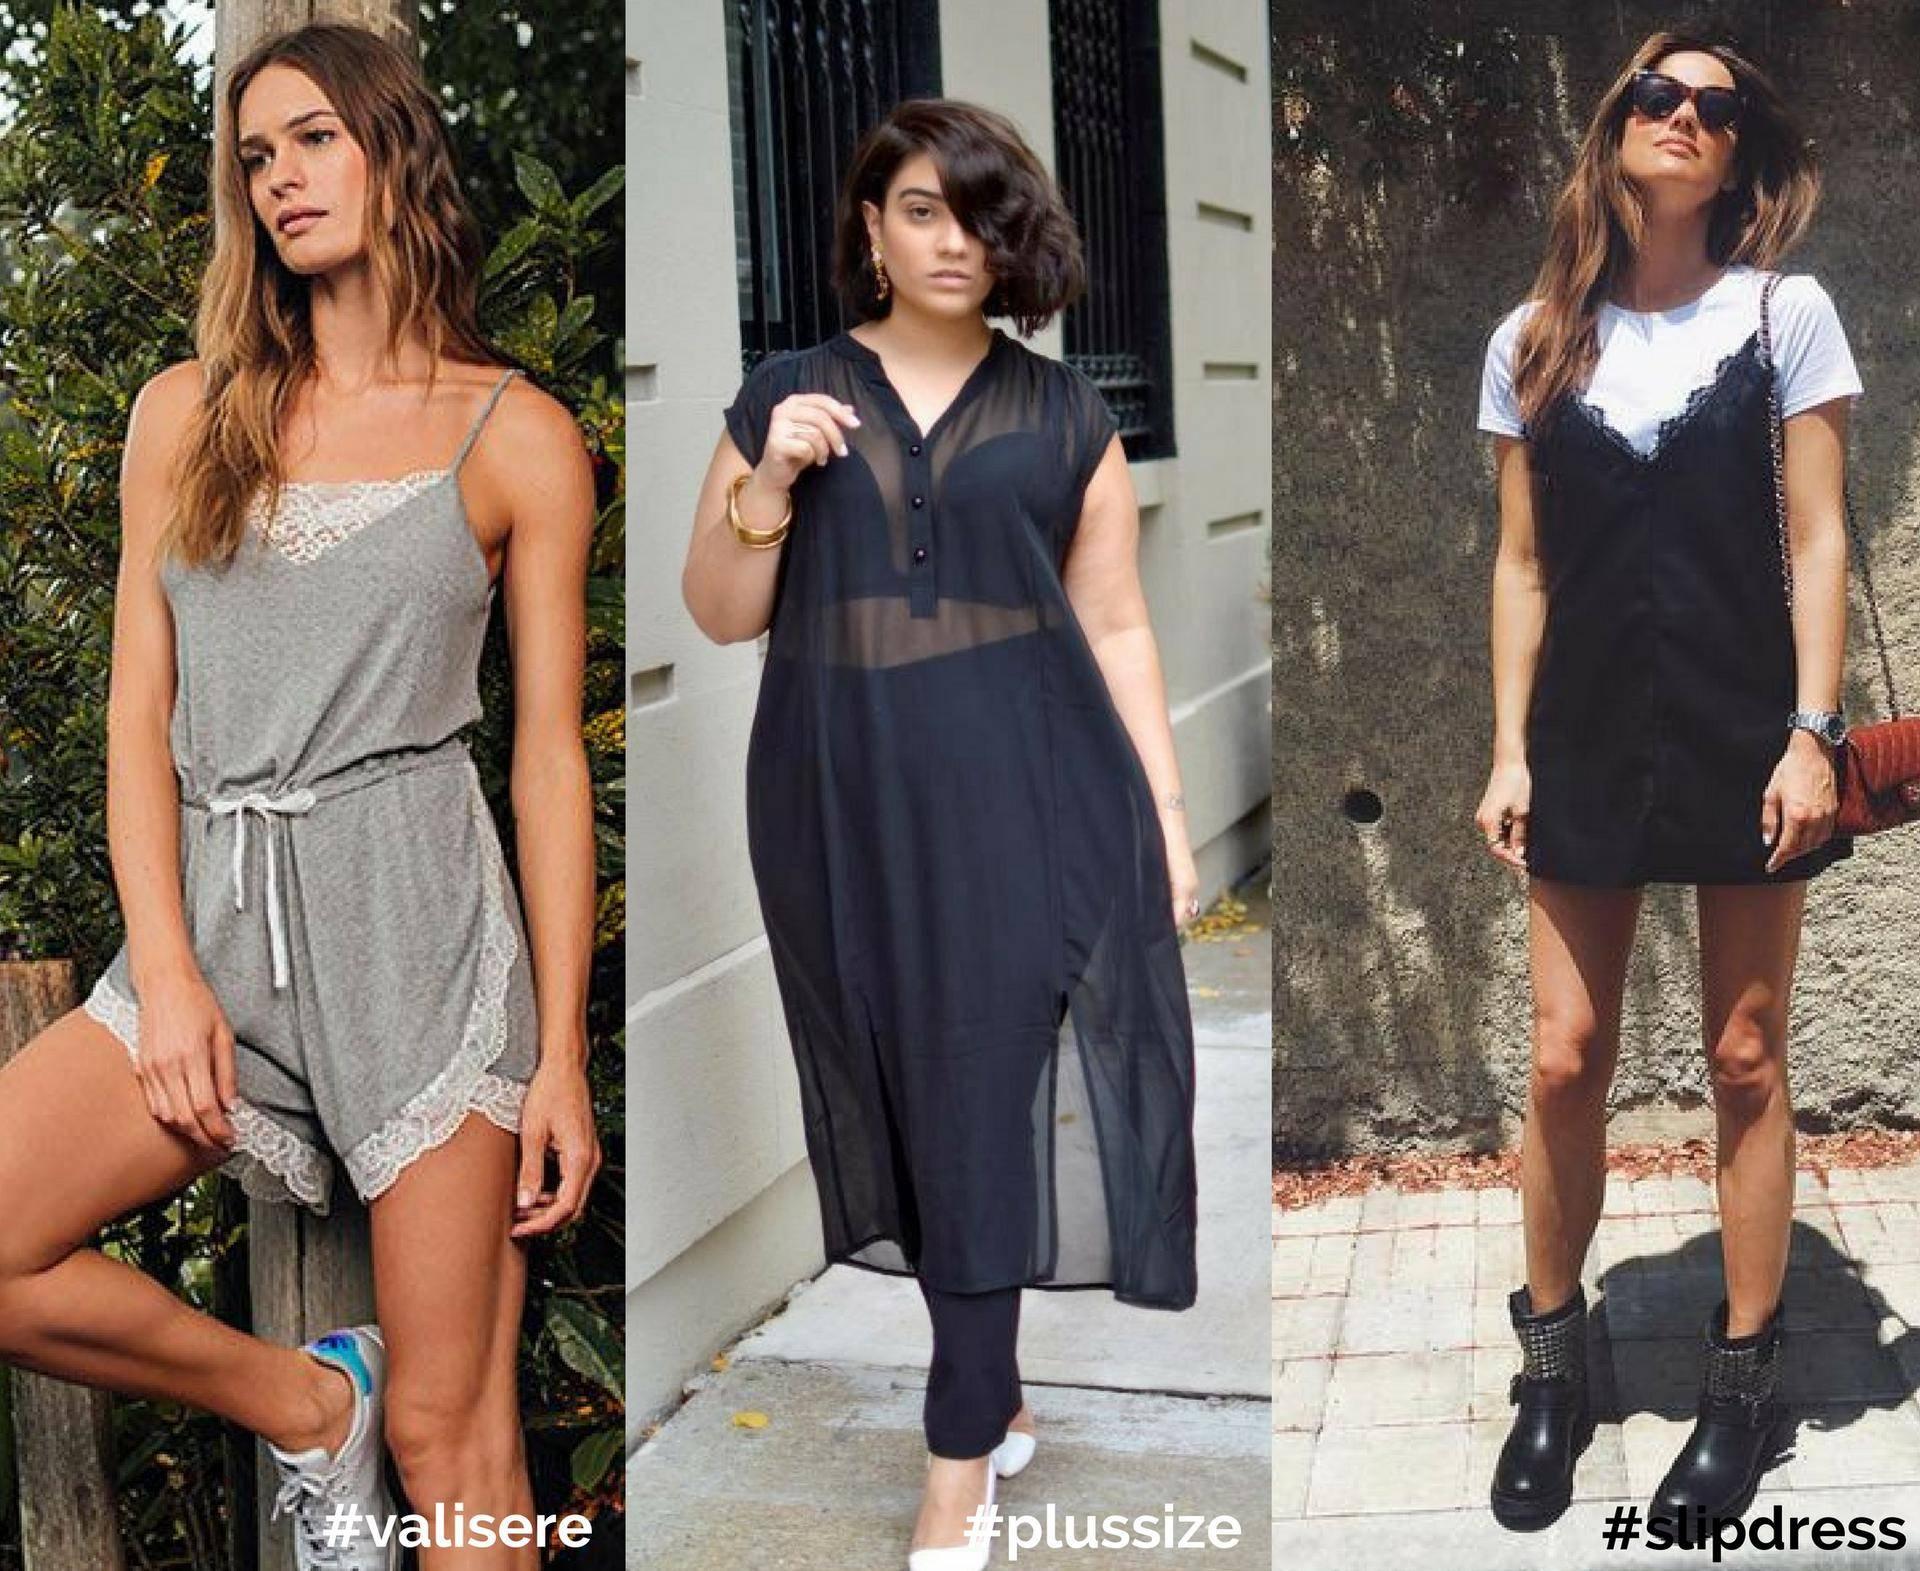 www.juicysantos.com.br - looks com slip dress